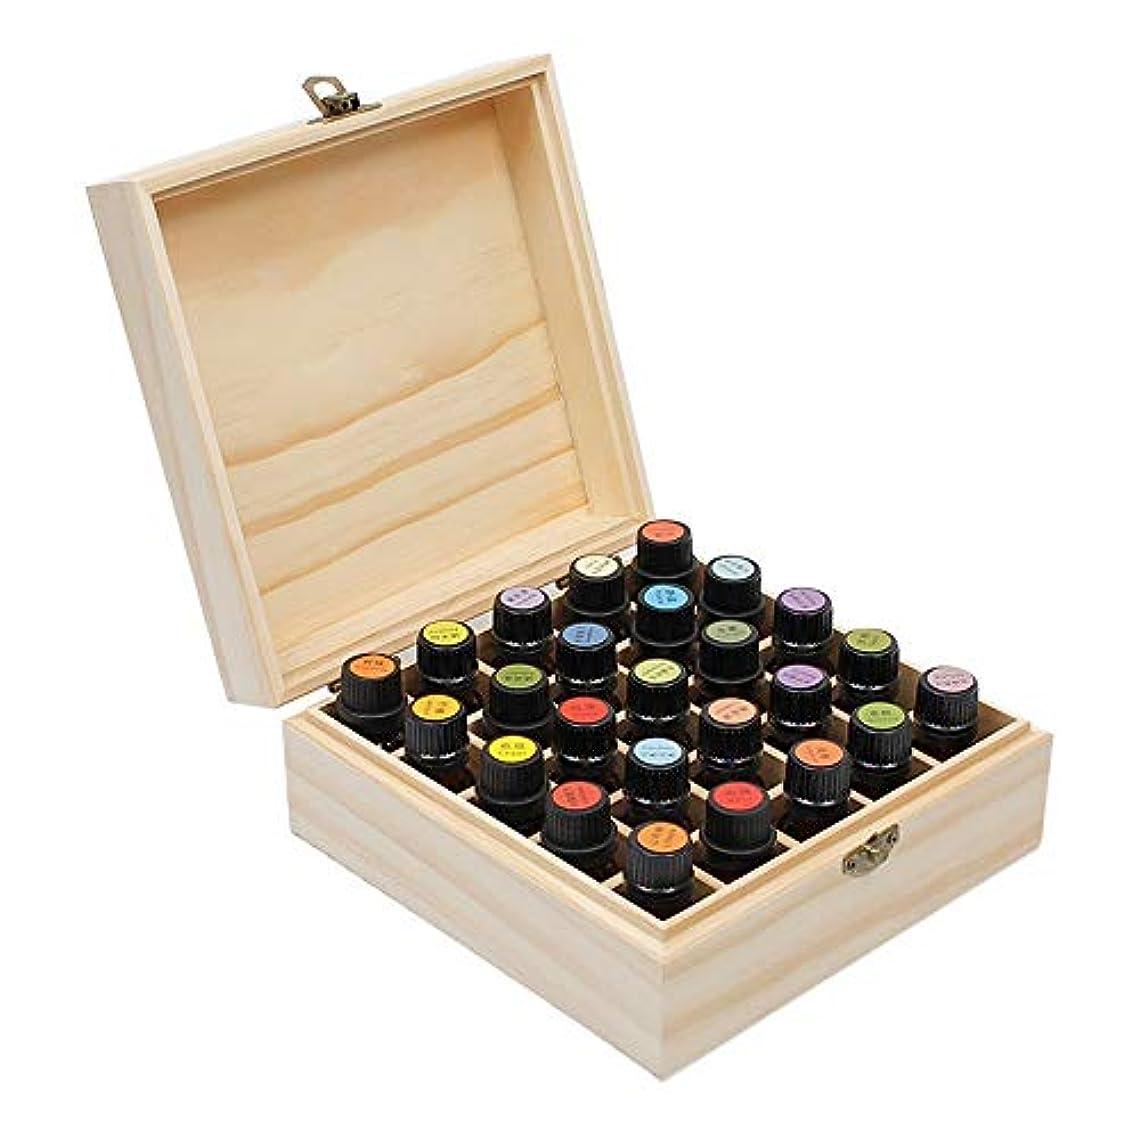 城バルク郵便番号25搬送するためのスロットエッセンシャルオイルボックス木製収納ケースとホームストレージの表示 アロマセラピー製品 (色 : Natural, サイズ : 18.3X18.3X8.3CM)